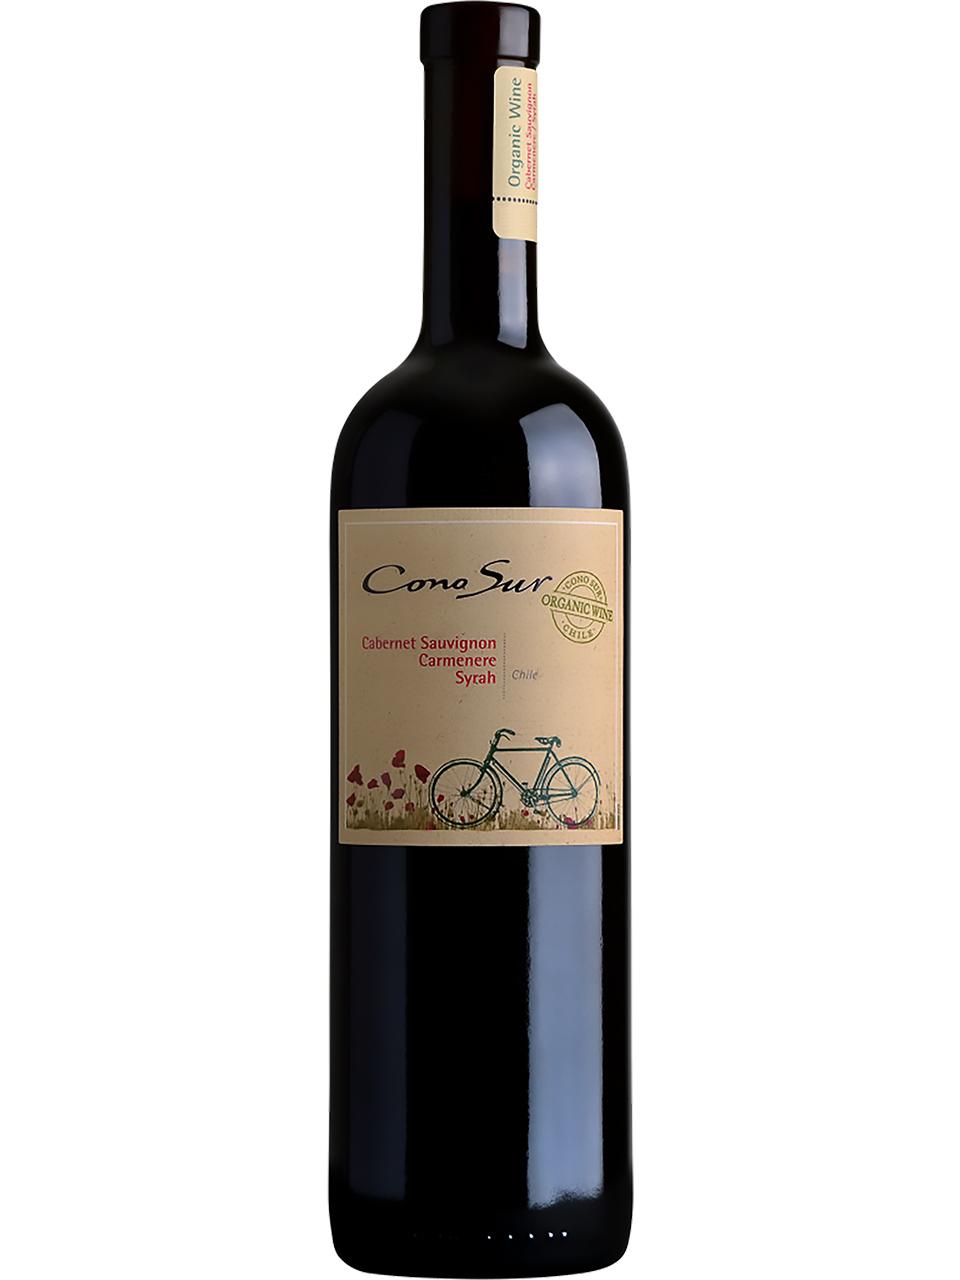 Cono Sur Organic Cabernet Sauvignon/Carmenere